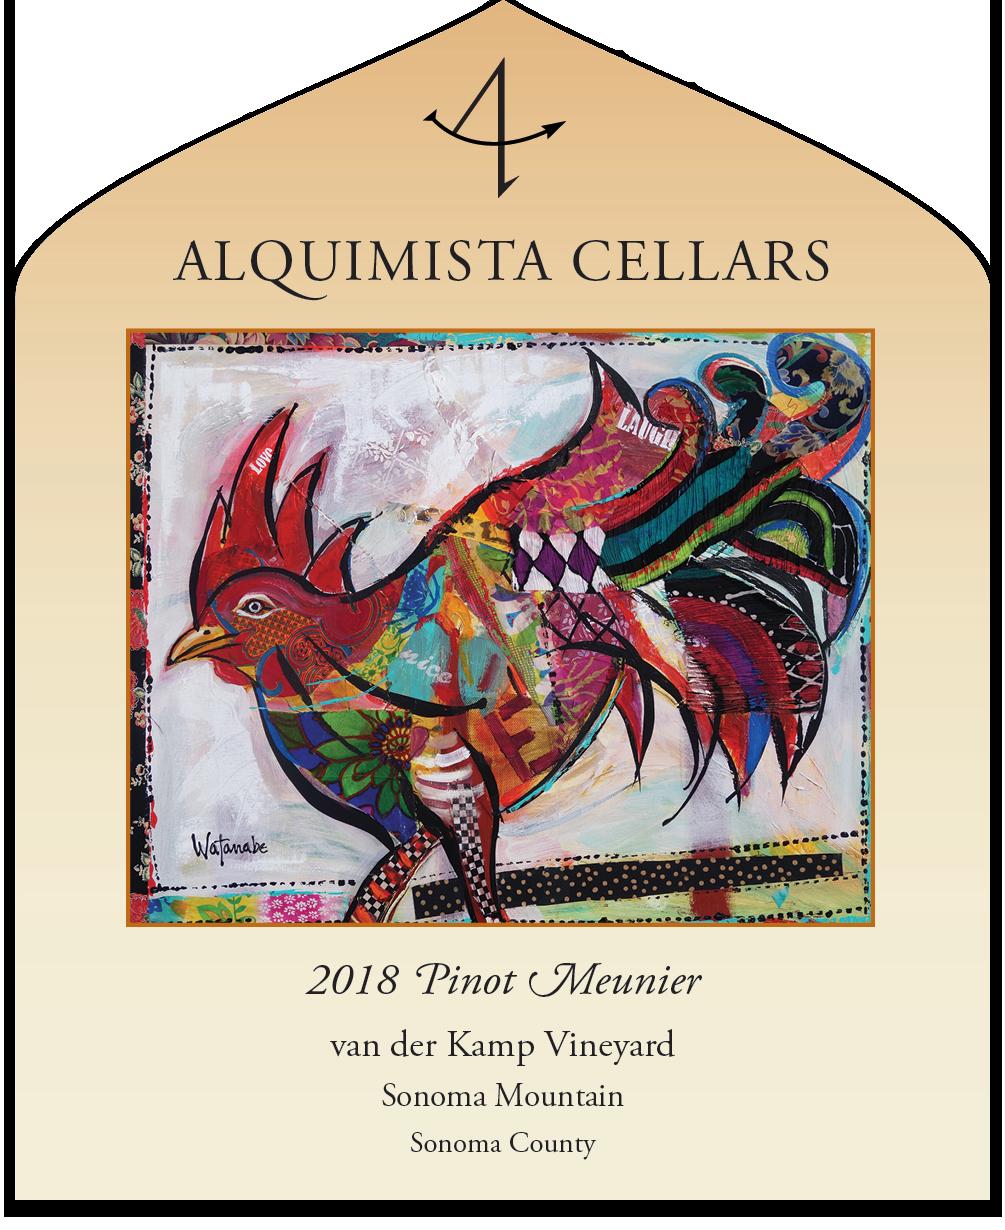 2018 van der Kamp Vineyard Pinot Meunier - tech sheet